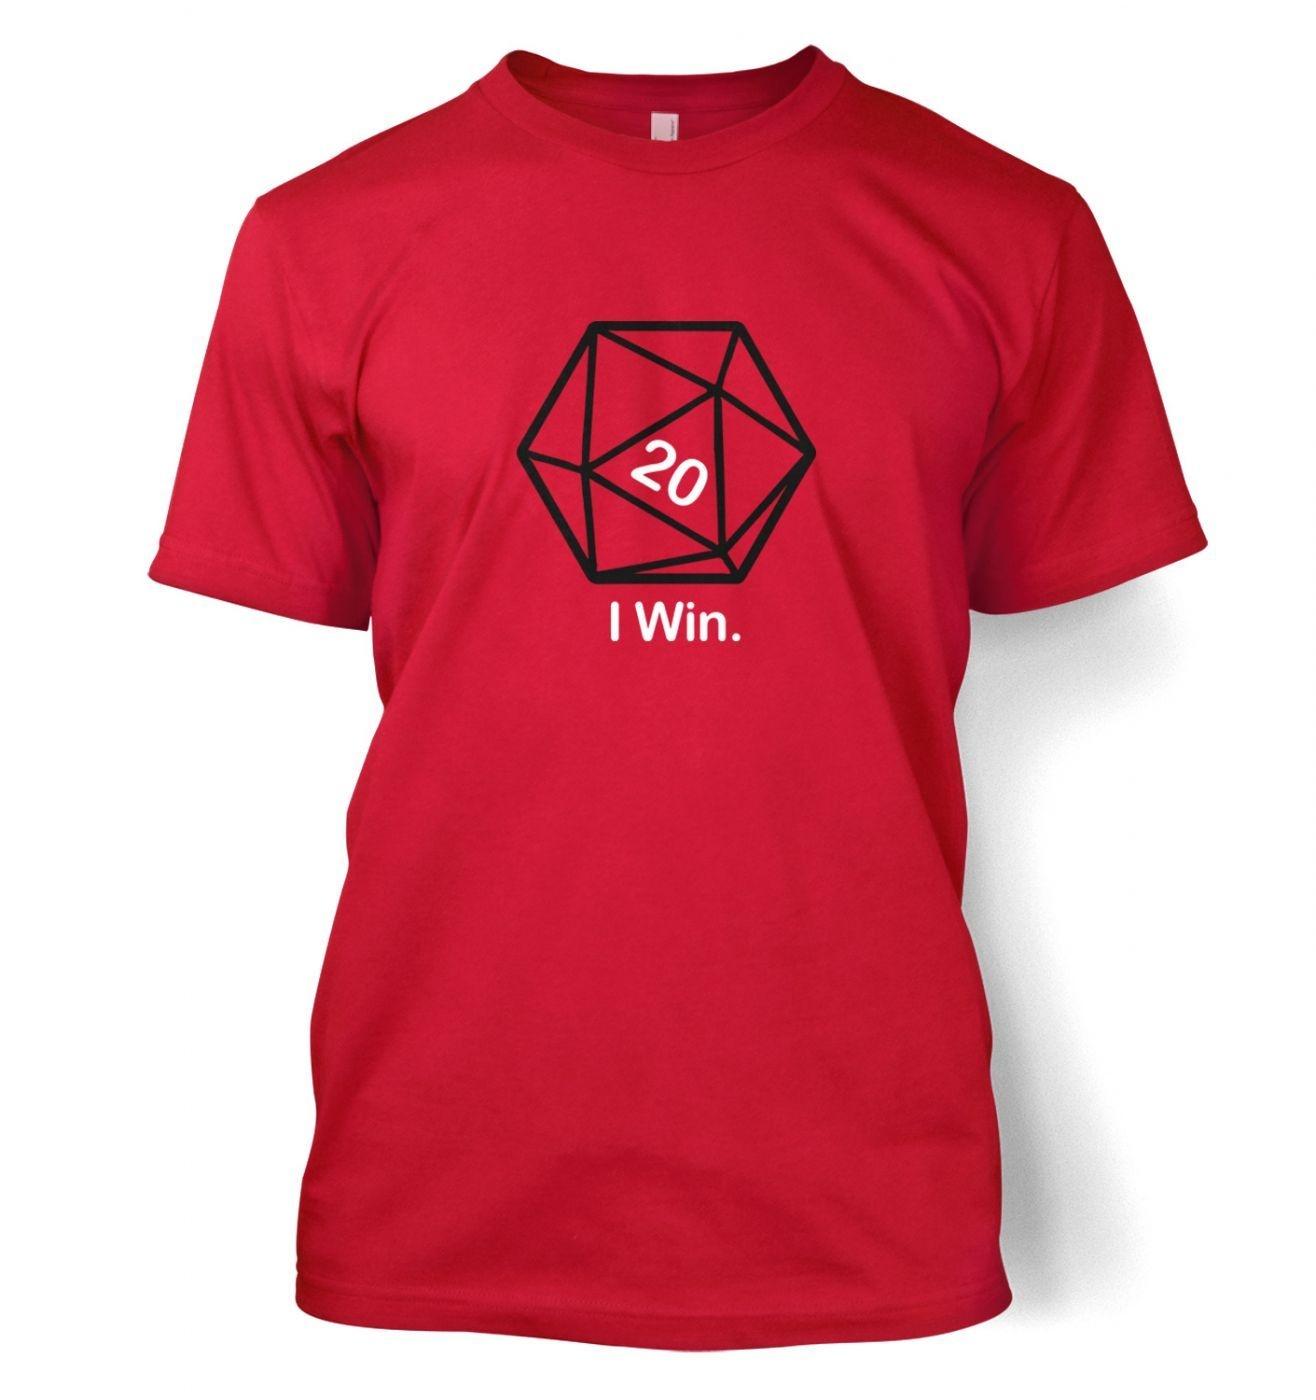 D20 I Win men's t-shirt